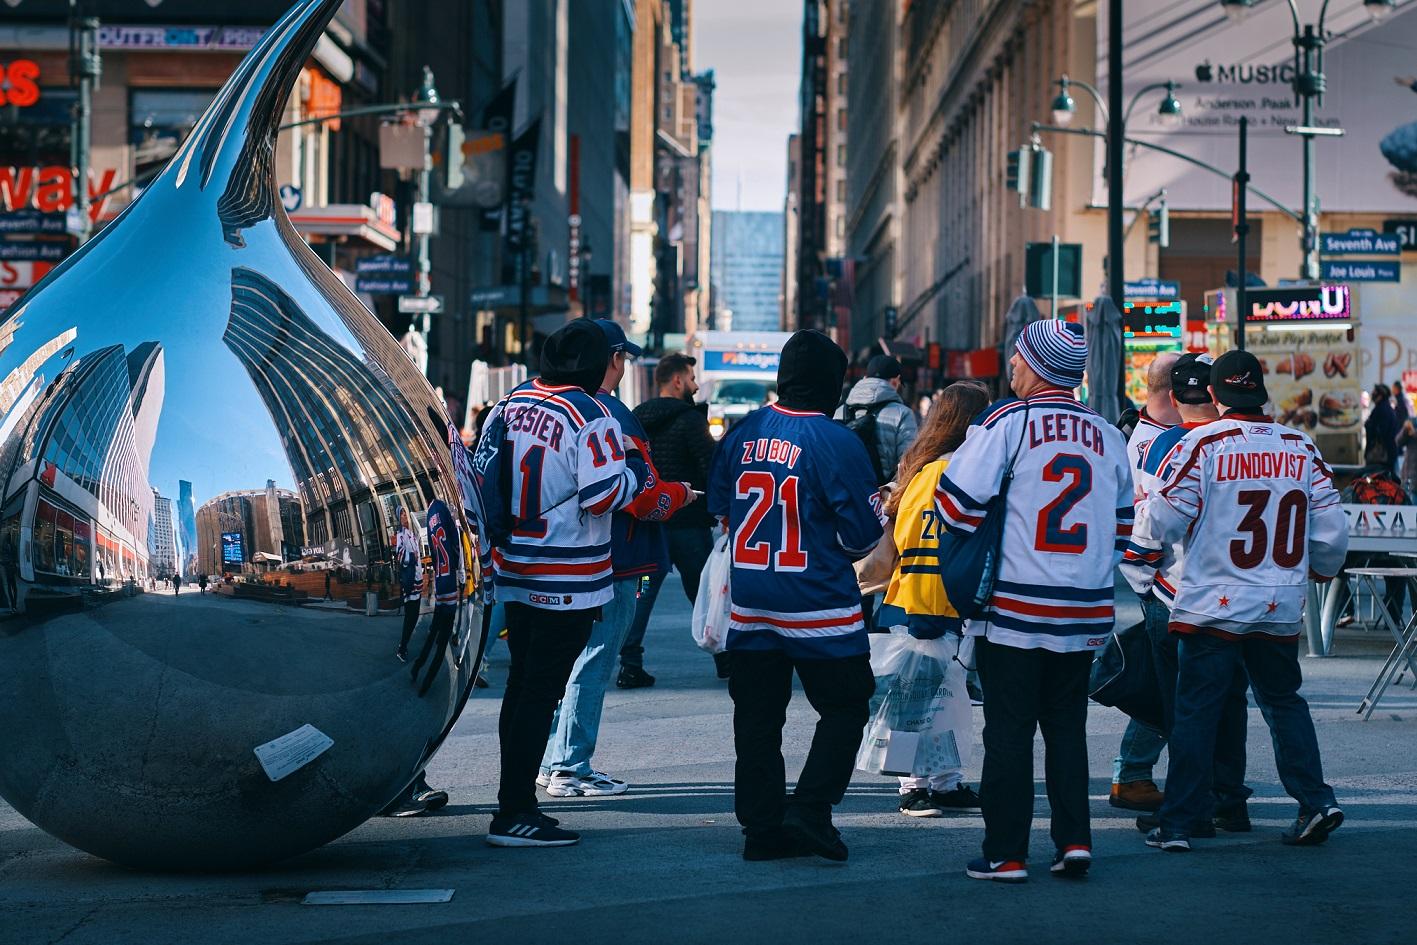 Foto @Knut Capra Pedersen. Tagen på vår gruppresa till New York 7-11 februari 2019.